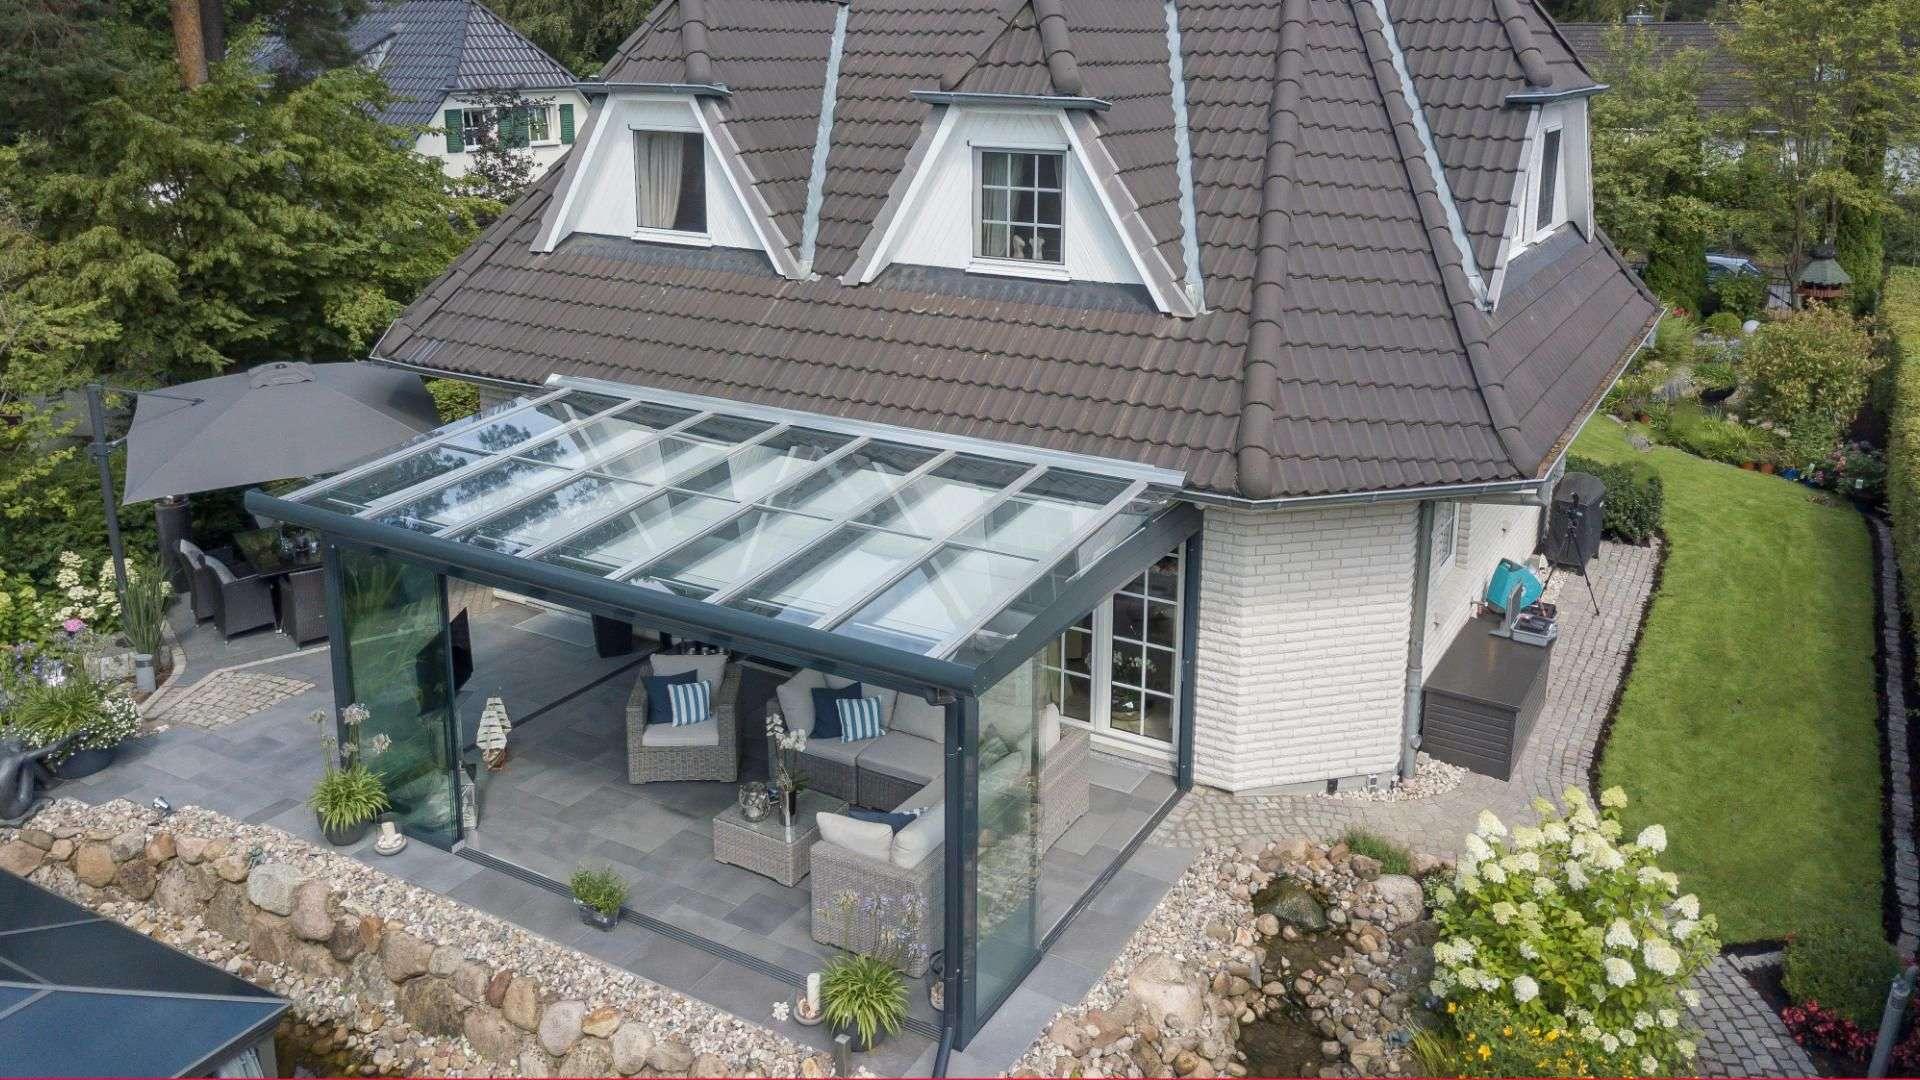 Glashaus an einem Einfamilienhaus aus der Vogelperspektive